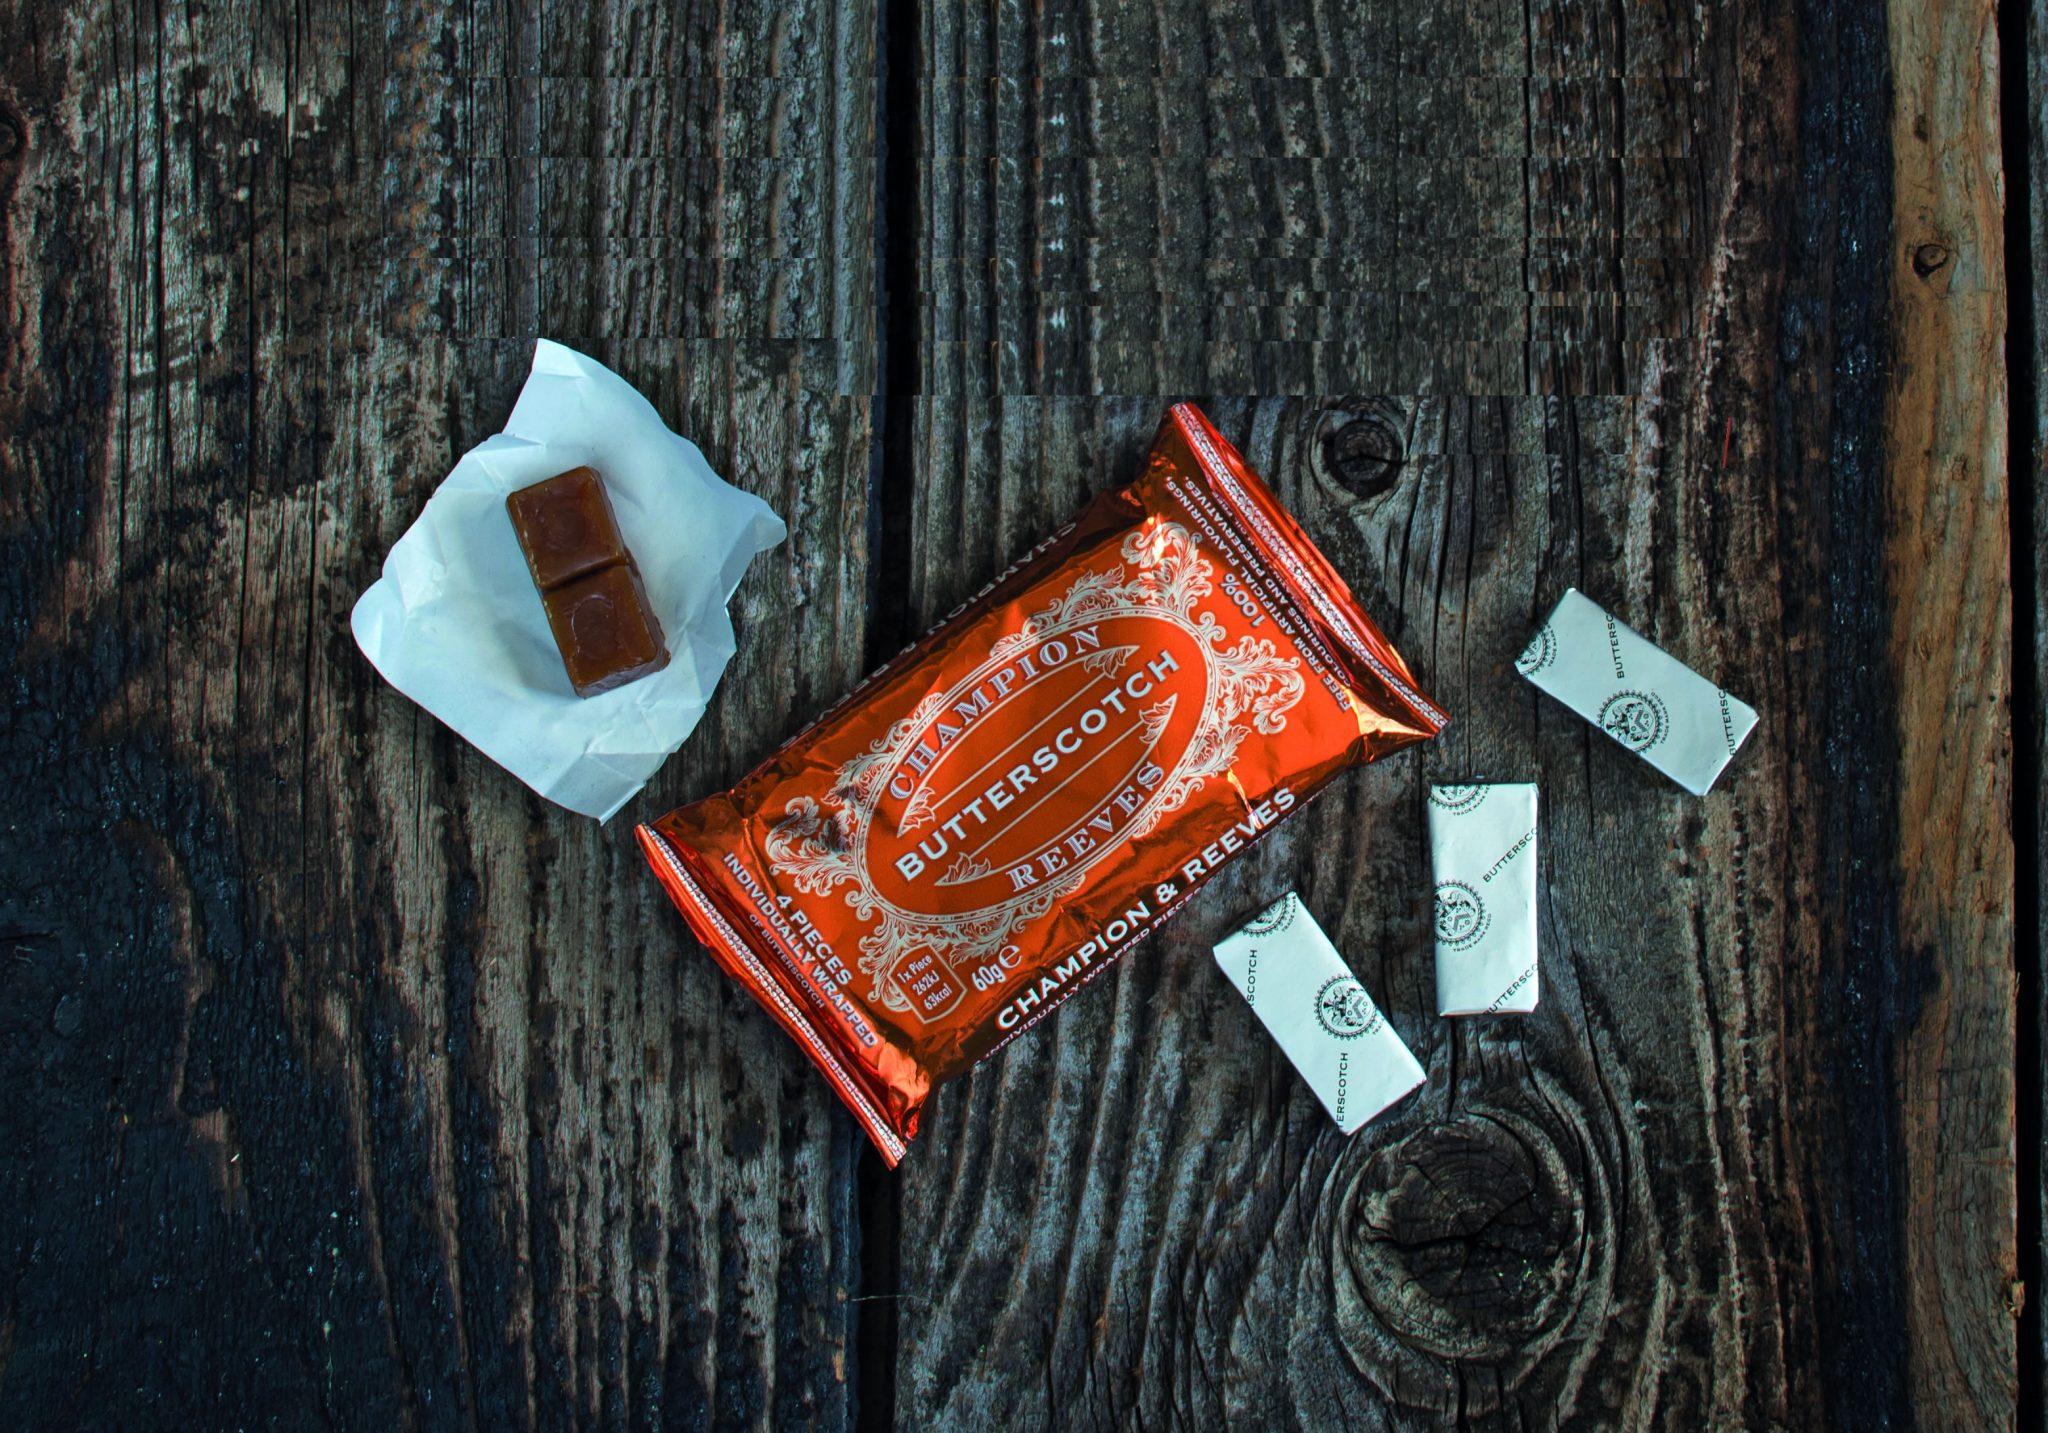 Callard & Bowser Butterscotch